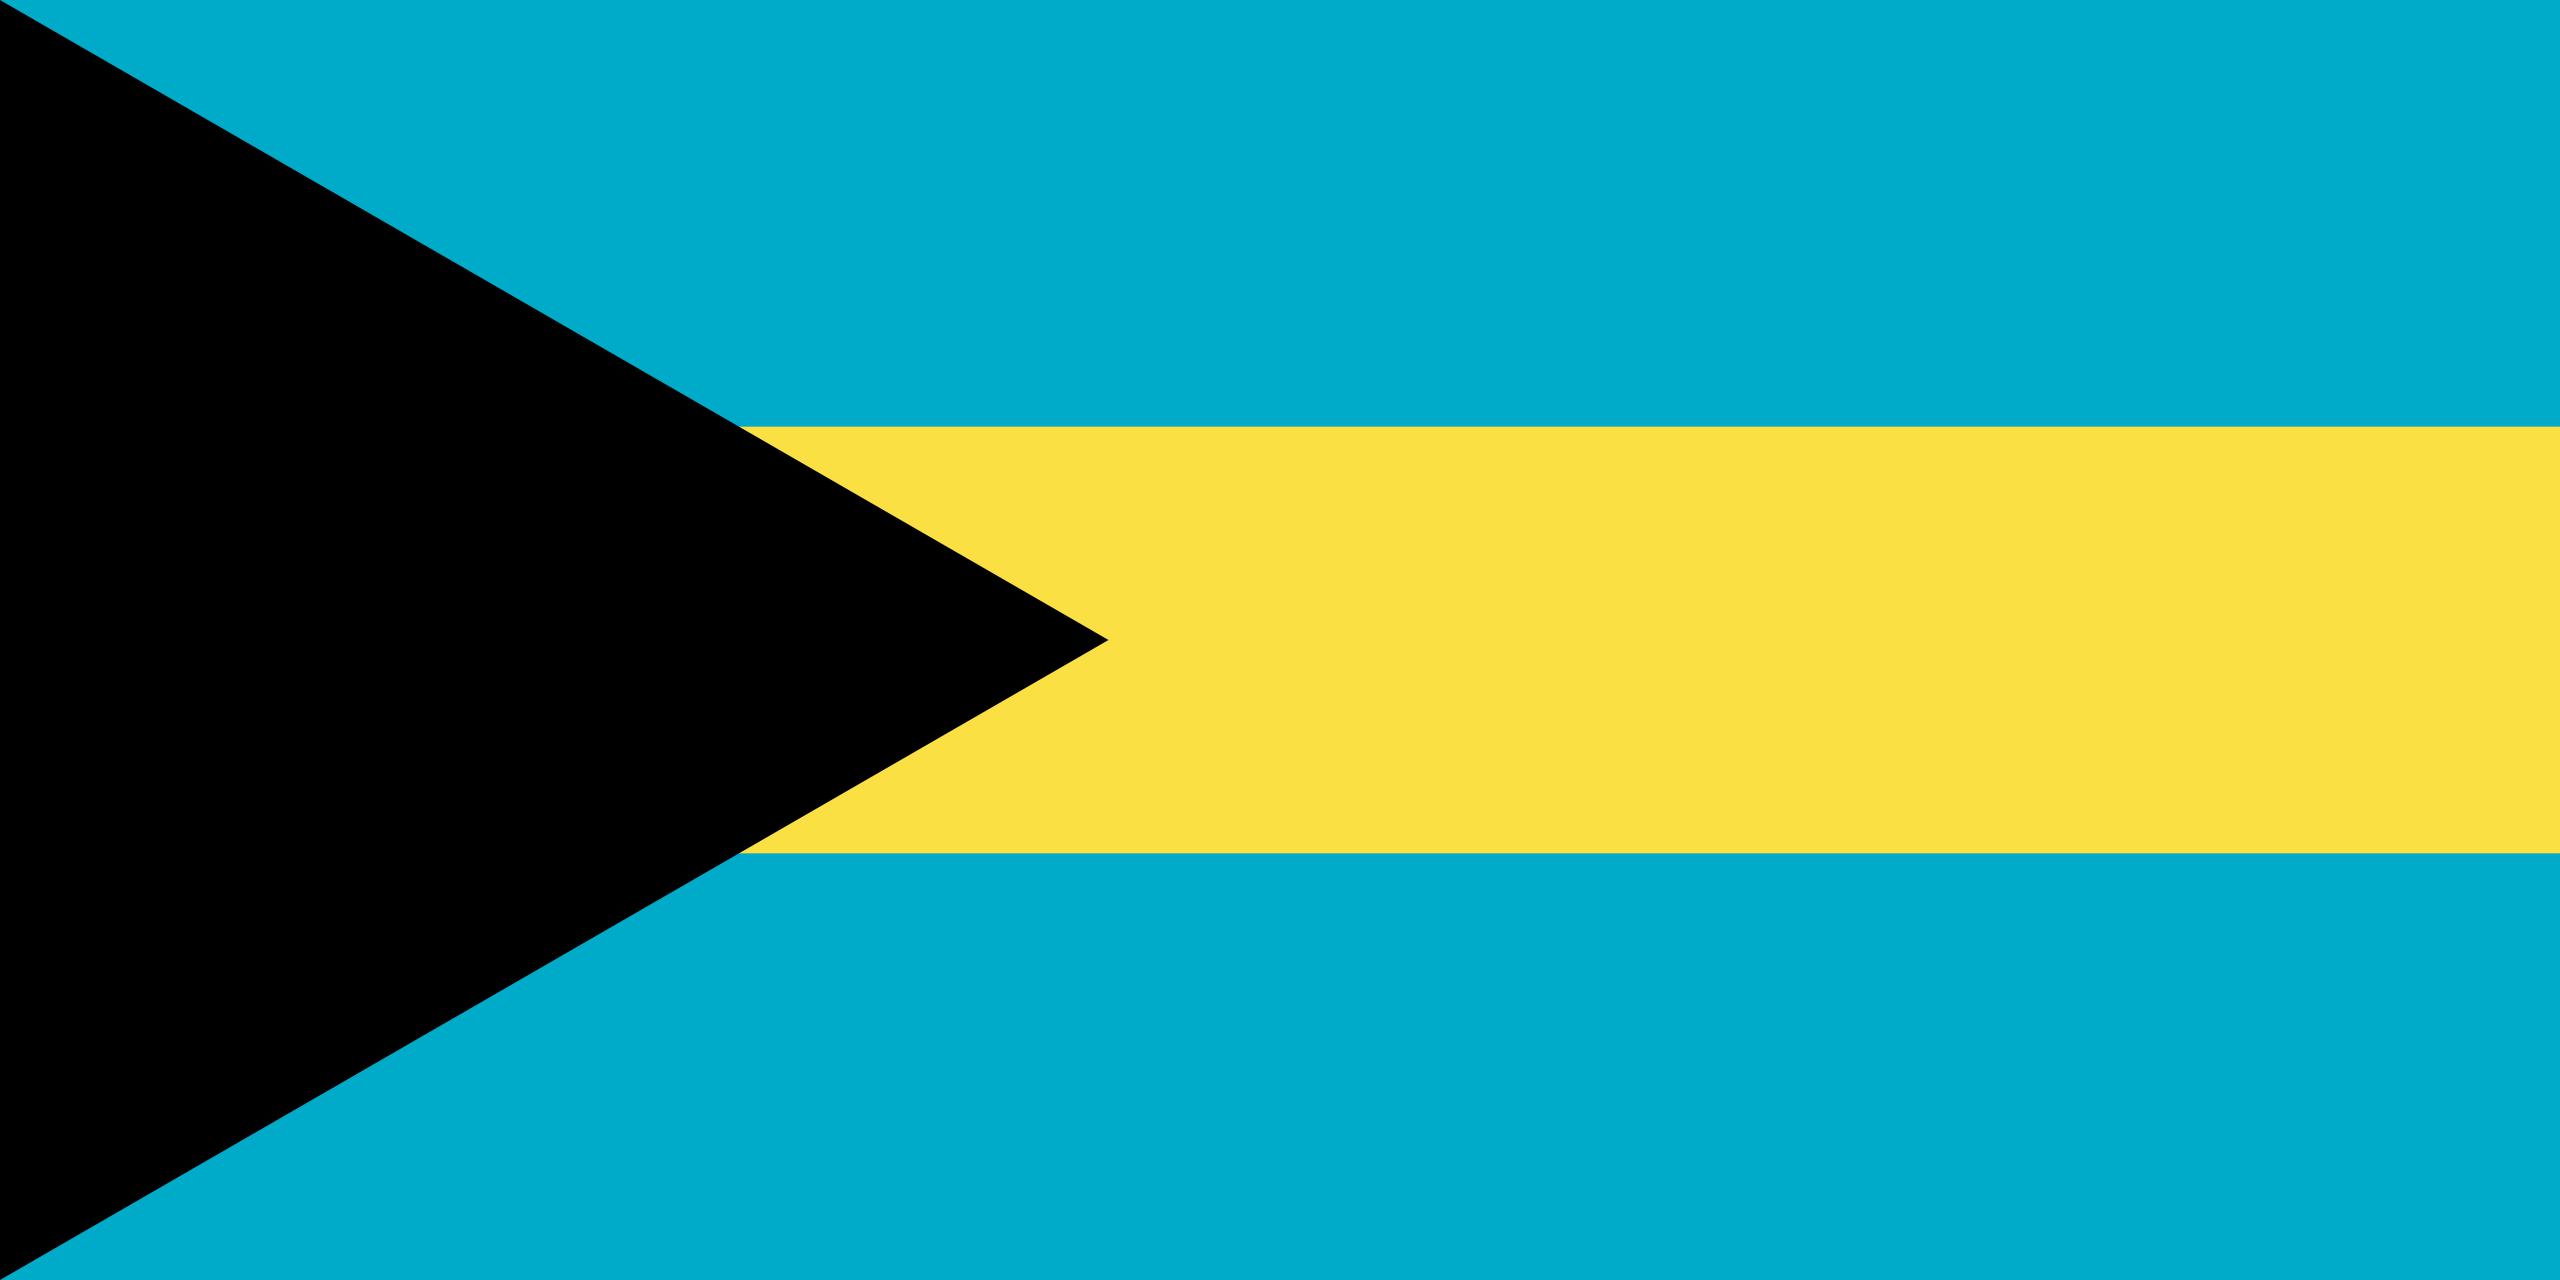 bahamas, Land, Emblem, Logo, Symbol - Wallpaper HD - Prof.-falken.com